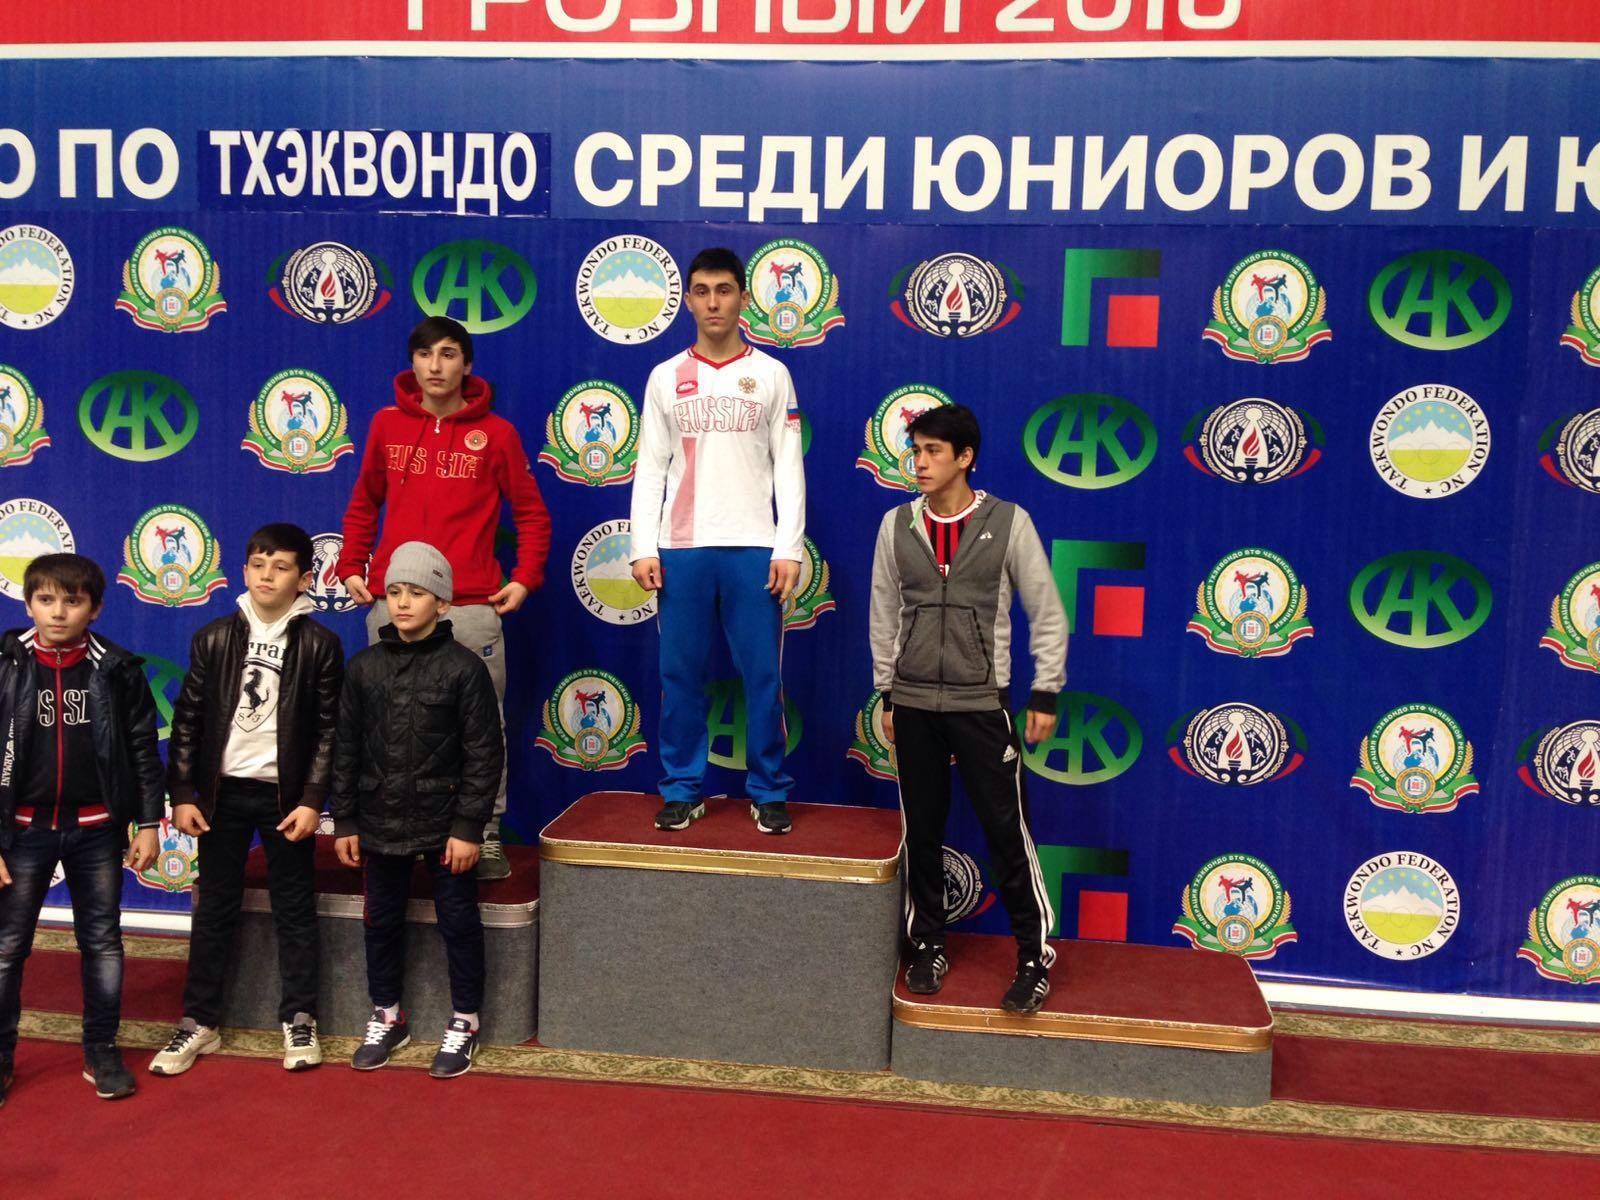 Унажоков Андемир - 1 место до 58кг.